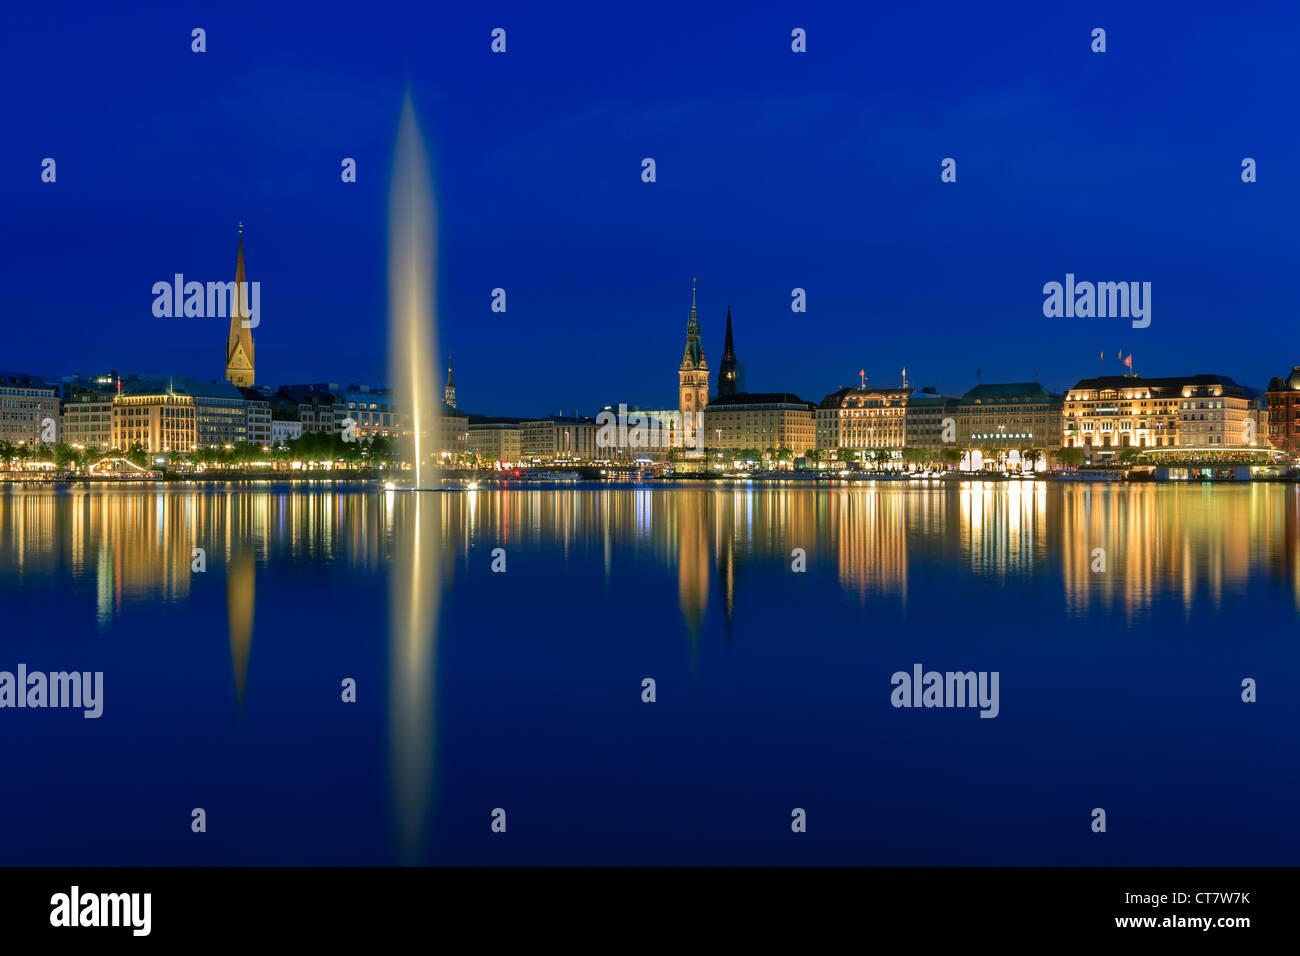 Hamburgo skyline tomada justo después del atardecer en la hora azul sobre el binnenalster. Foto de stock